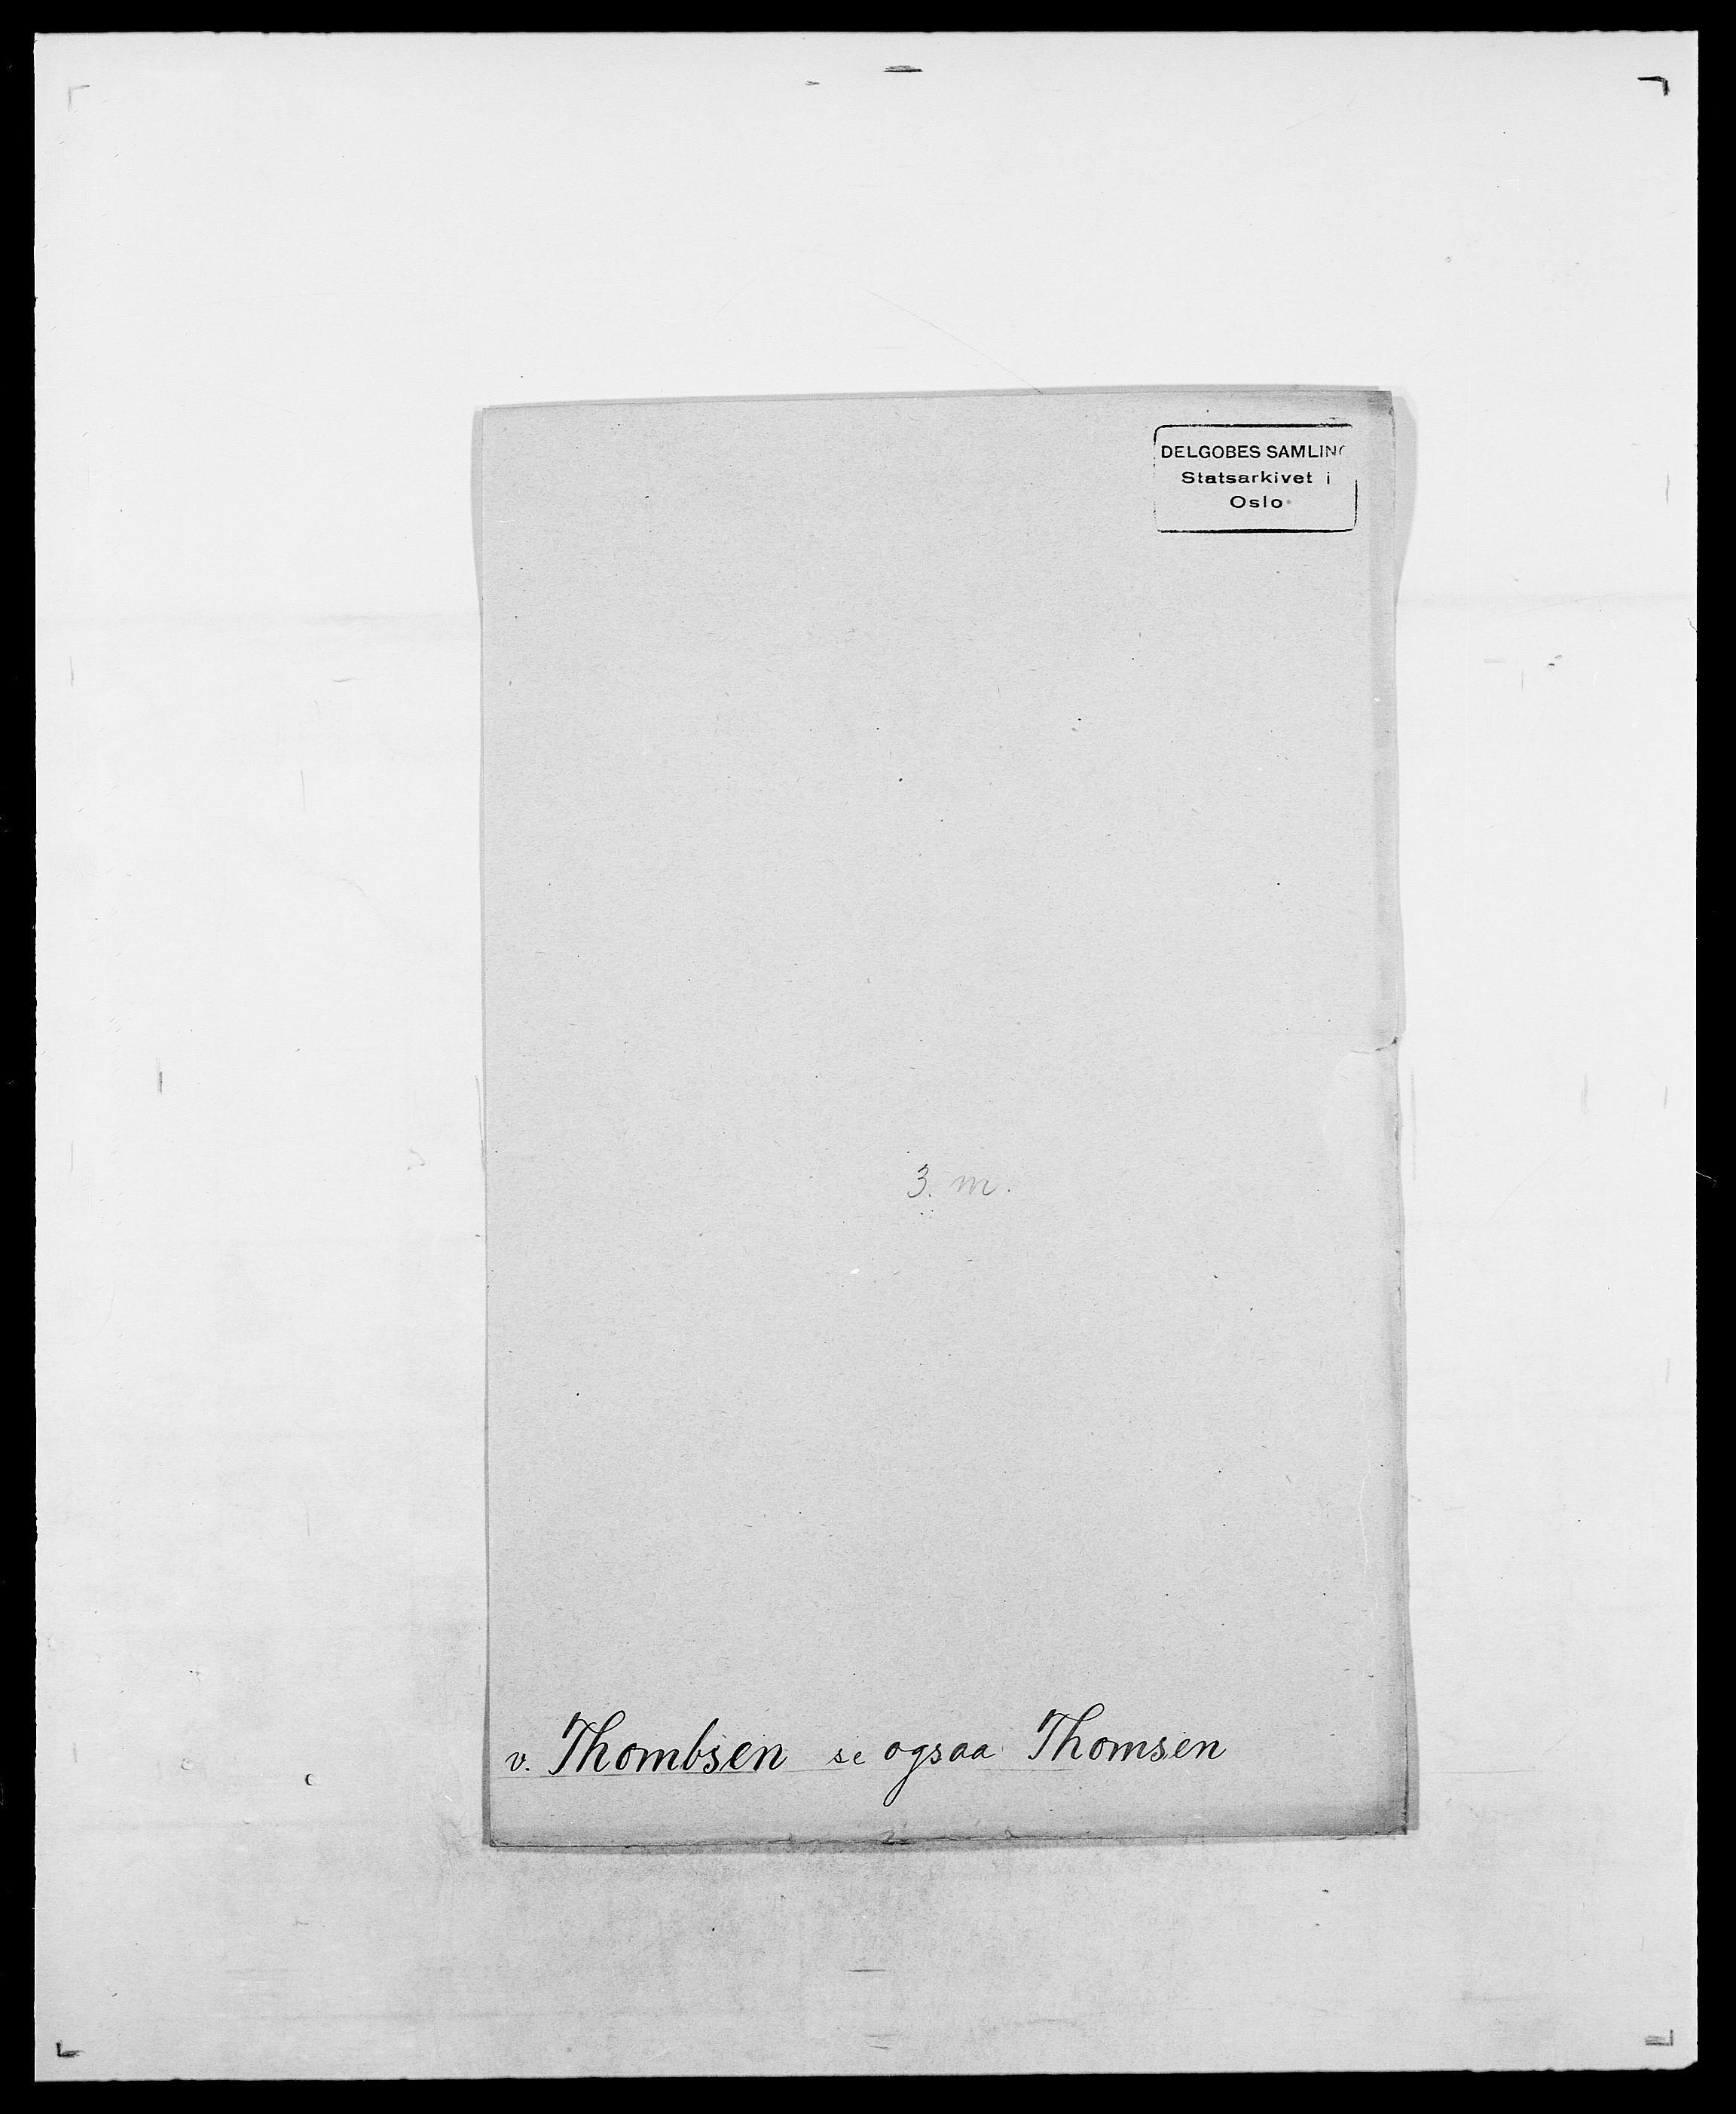 SAO, Delgobe, Charles Antoine - samling, D/Da/L0038: Svanenskjold - Thornsohn, s. 783